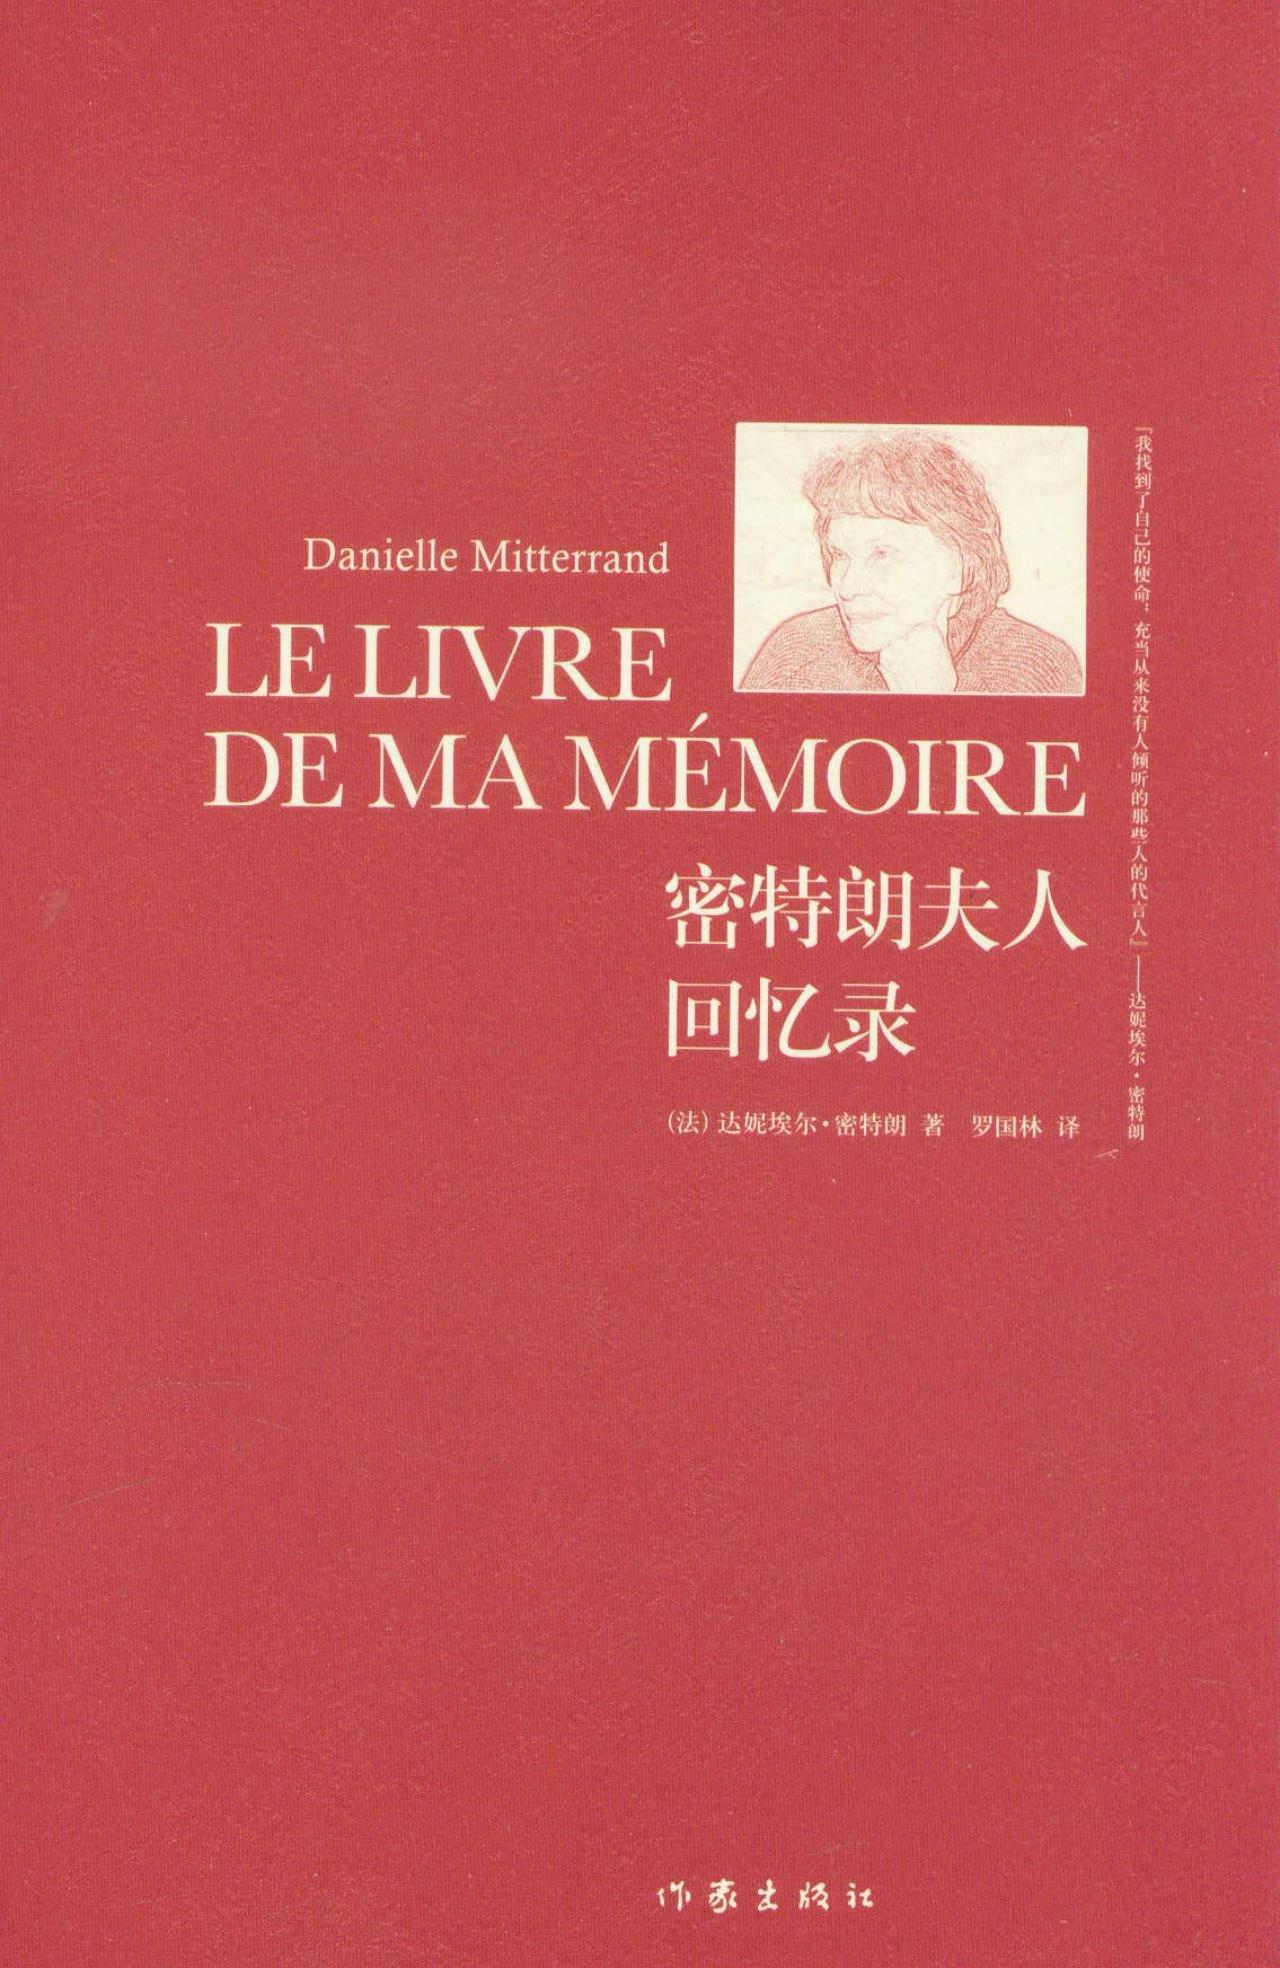 密特朗夫人回忆录 [Le Liver de ma Memoier] [法] 达尼埃尔·密特朗 著;罗国林 译 现代 当代文学 作家出版社 正版书籍